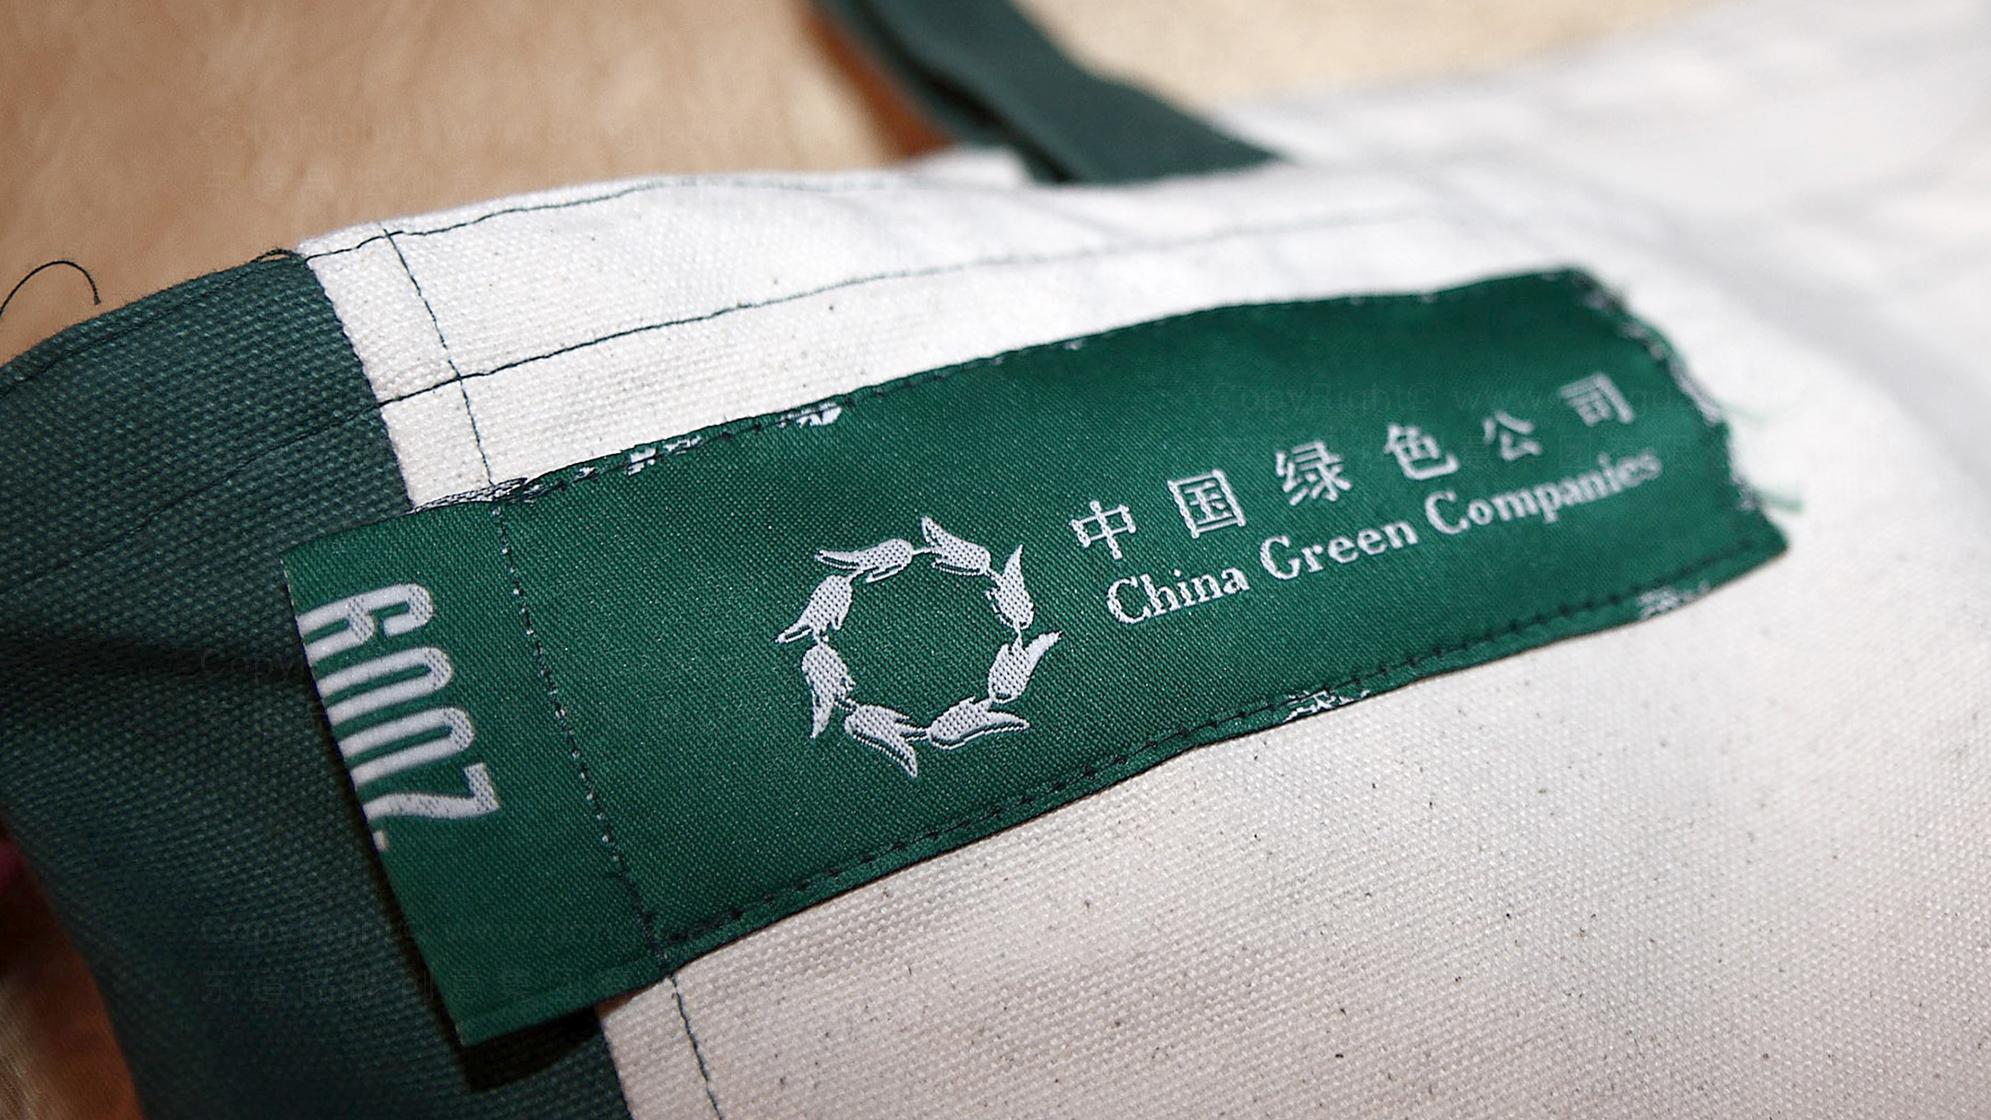 品牌设计2010中国绿公司年会LOGO设计应用场景_11